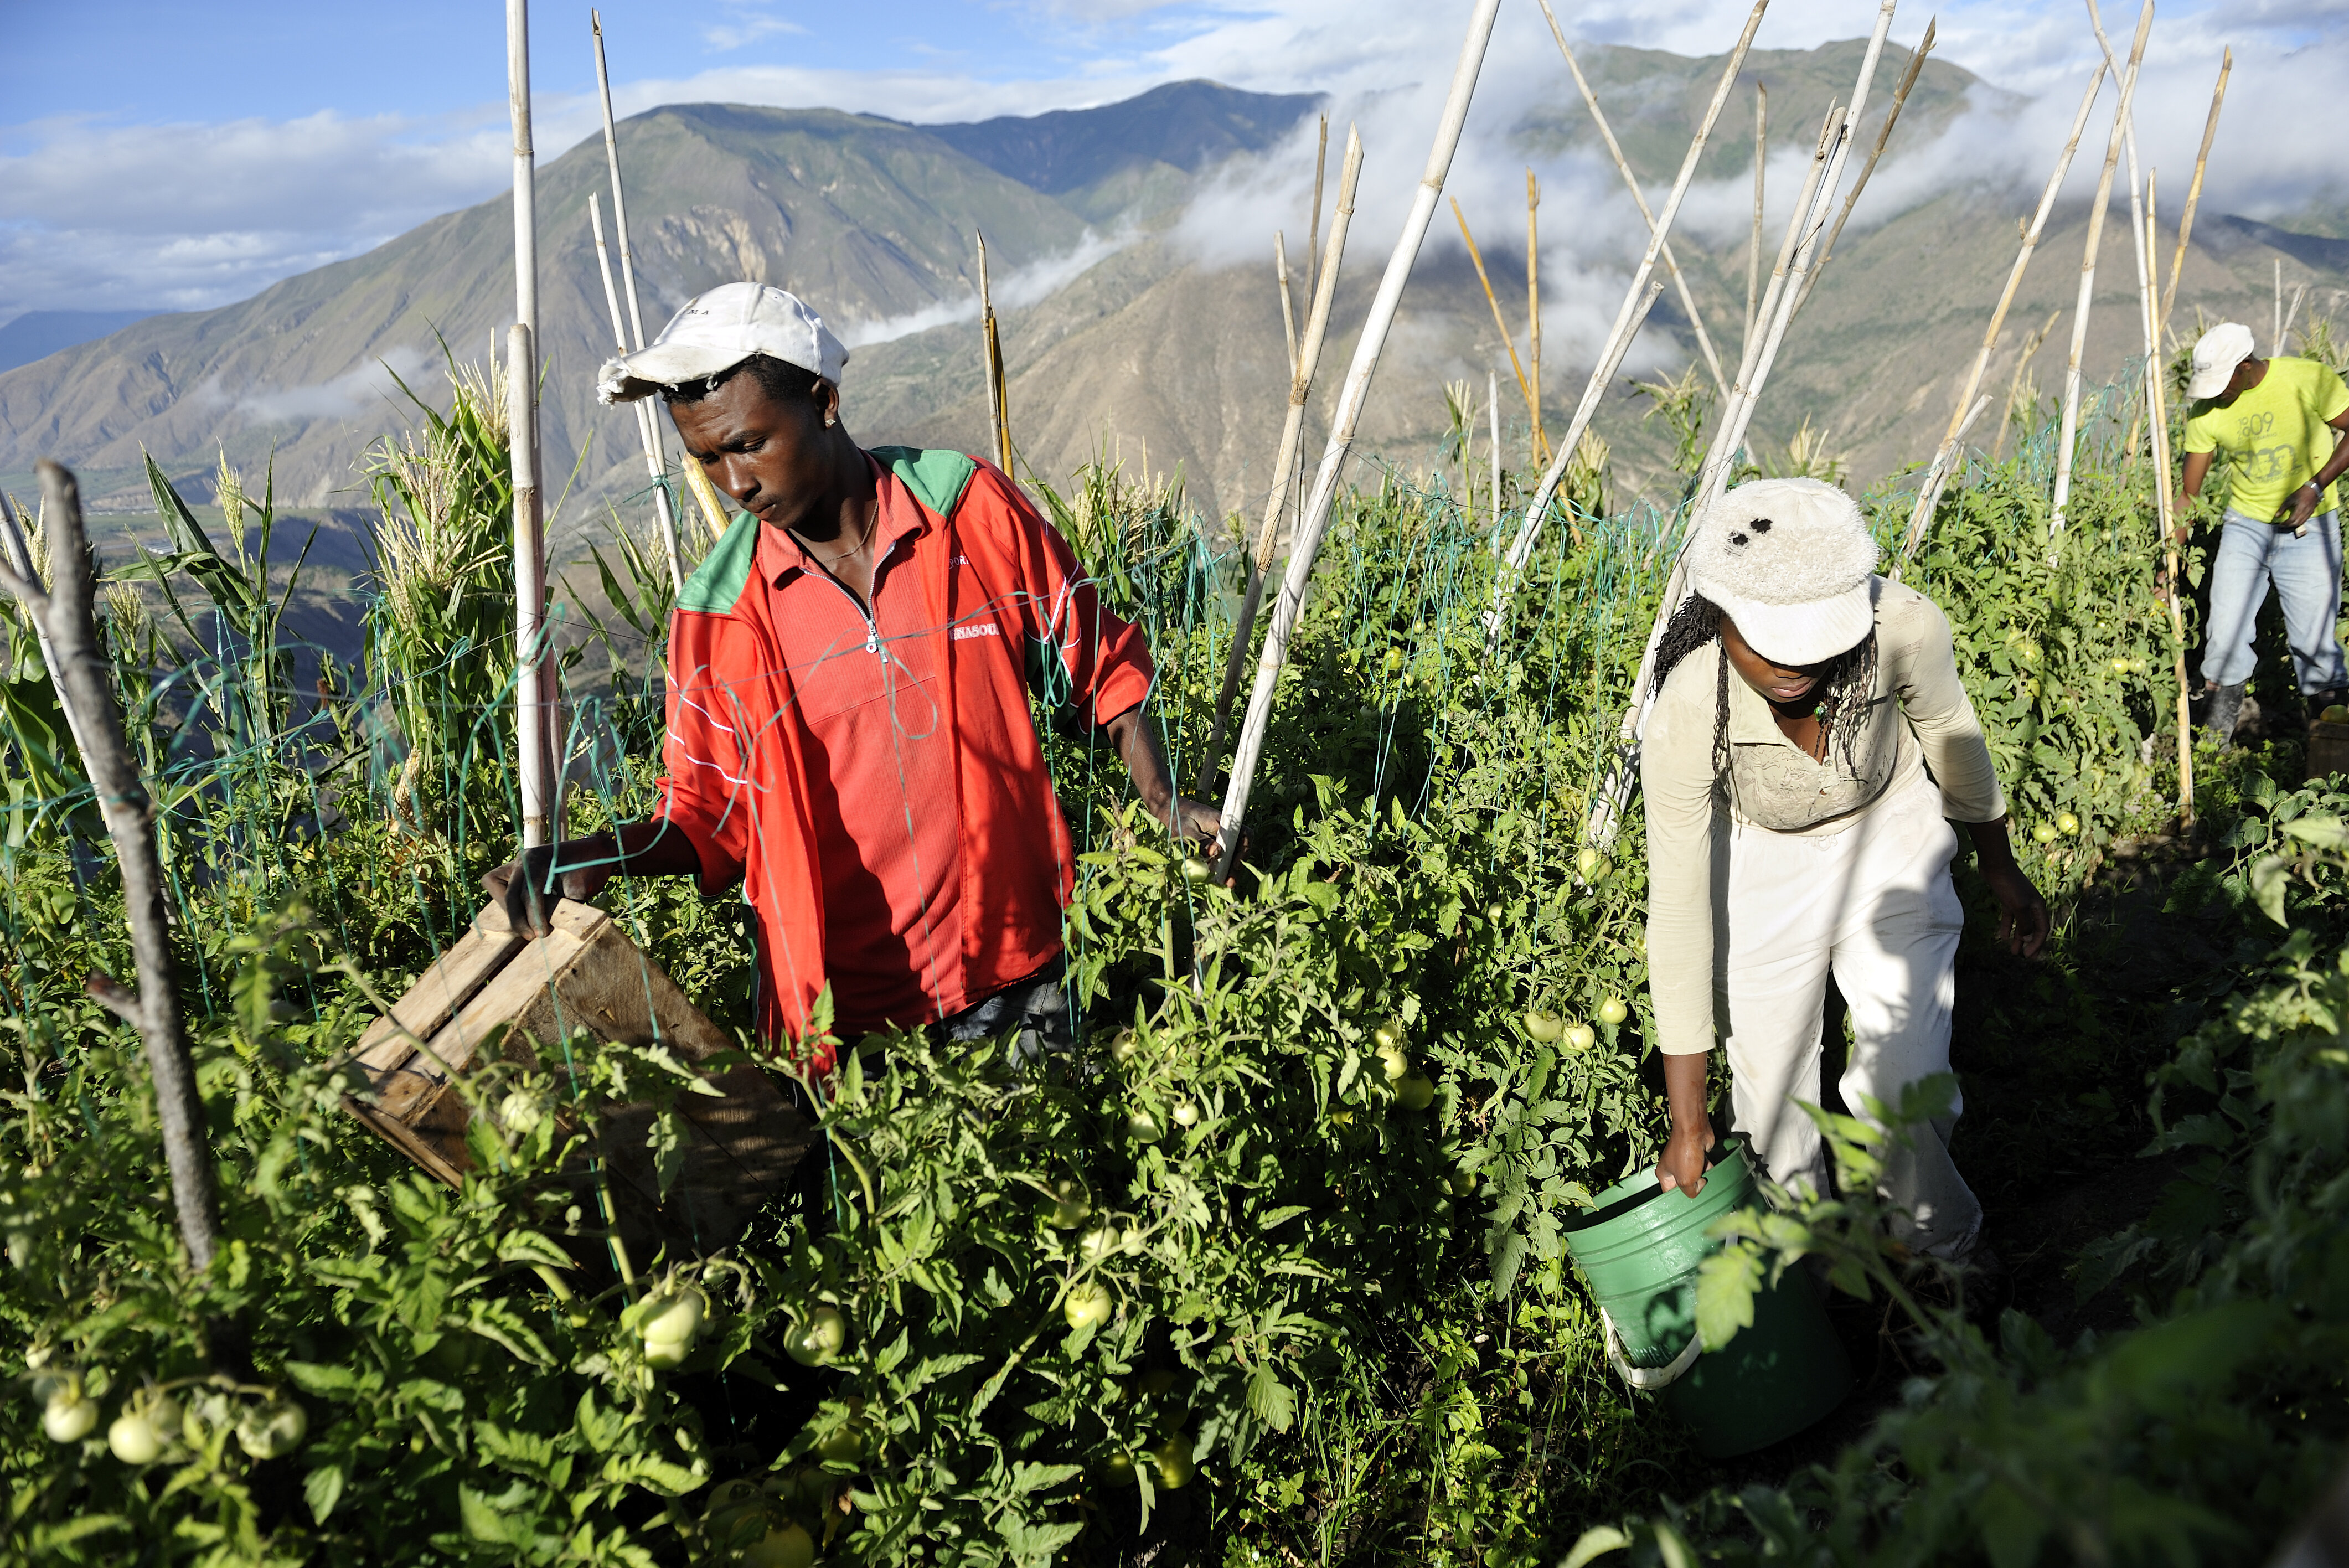 Ein Mann und eine Frau arbeiten auf ihrem Feld. Im Hintergrund sieht man die Berge der Anden.